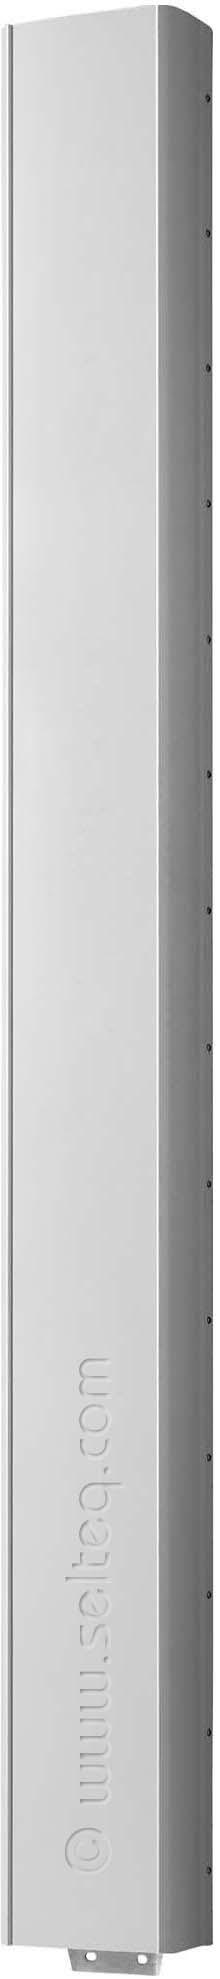 антенна Kathrein 800 10204 V02